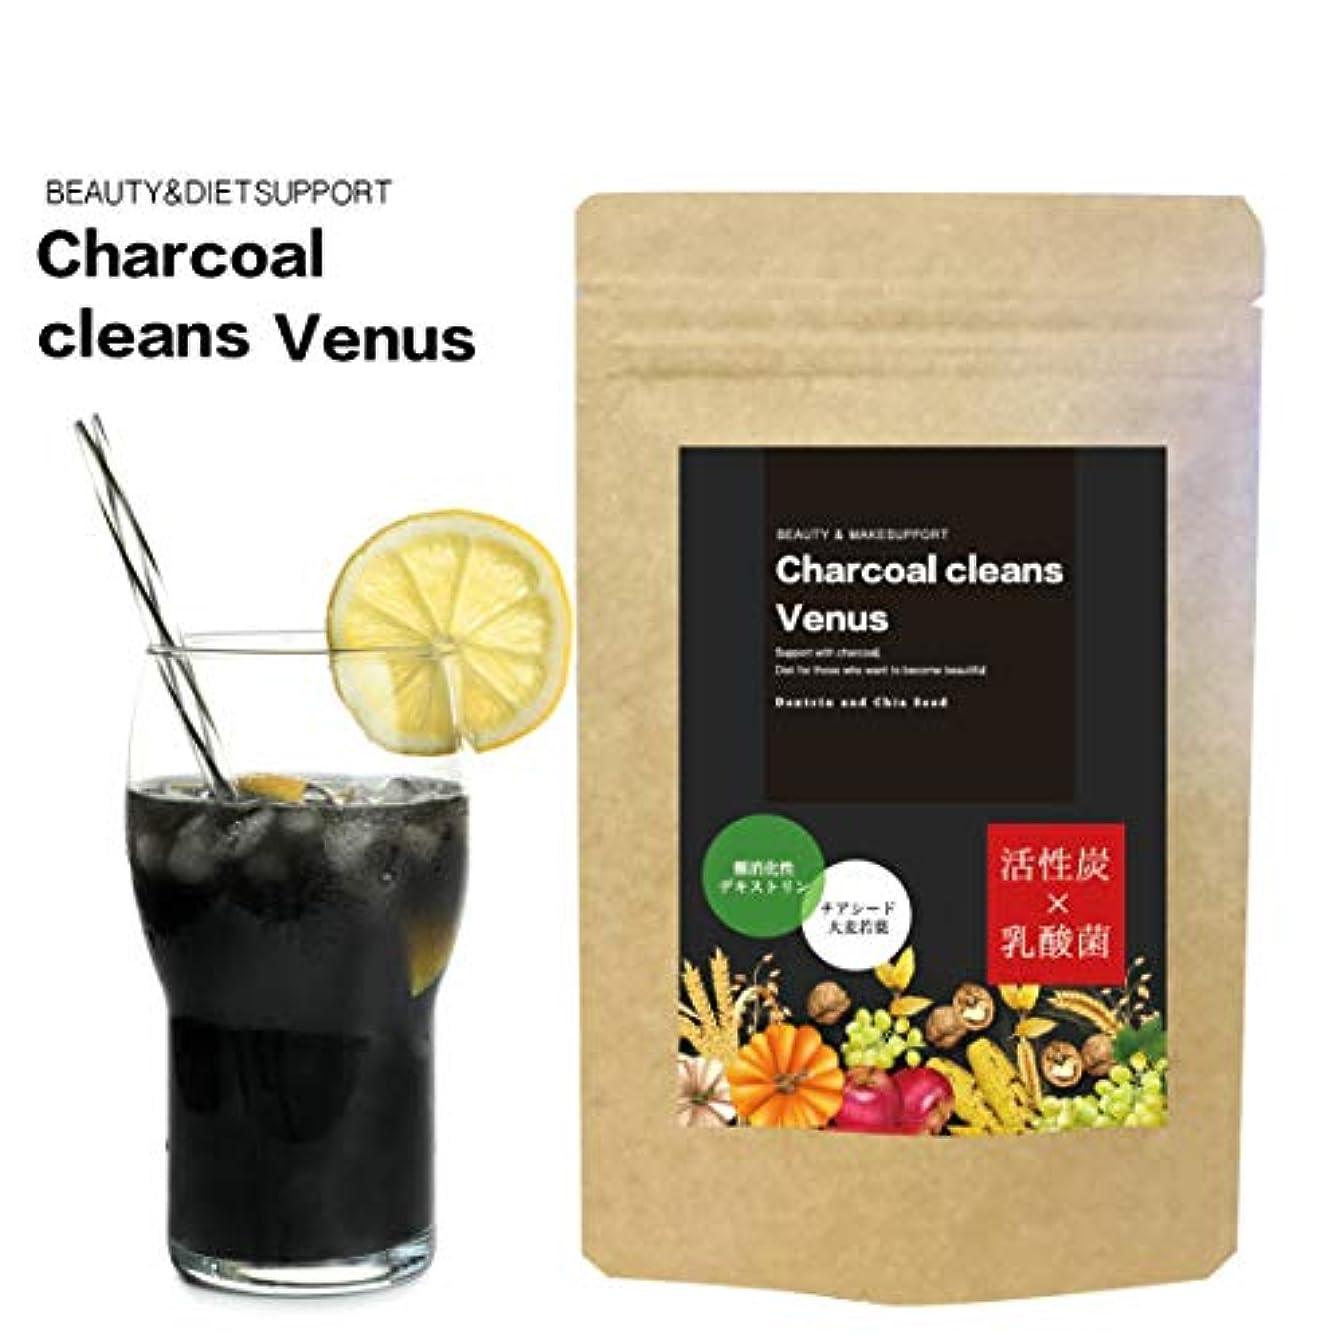 生きているセンチメンタルアンテナ炭 デトックス & ダイエット 活性炭 + 乳酸菌 チャコールクレンズ ビーナス 約1ヶ月分 150g フルーツMIX味